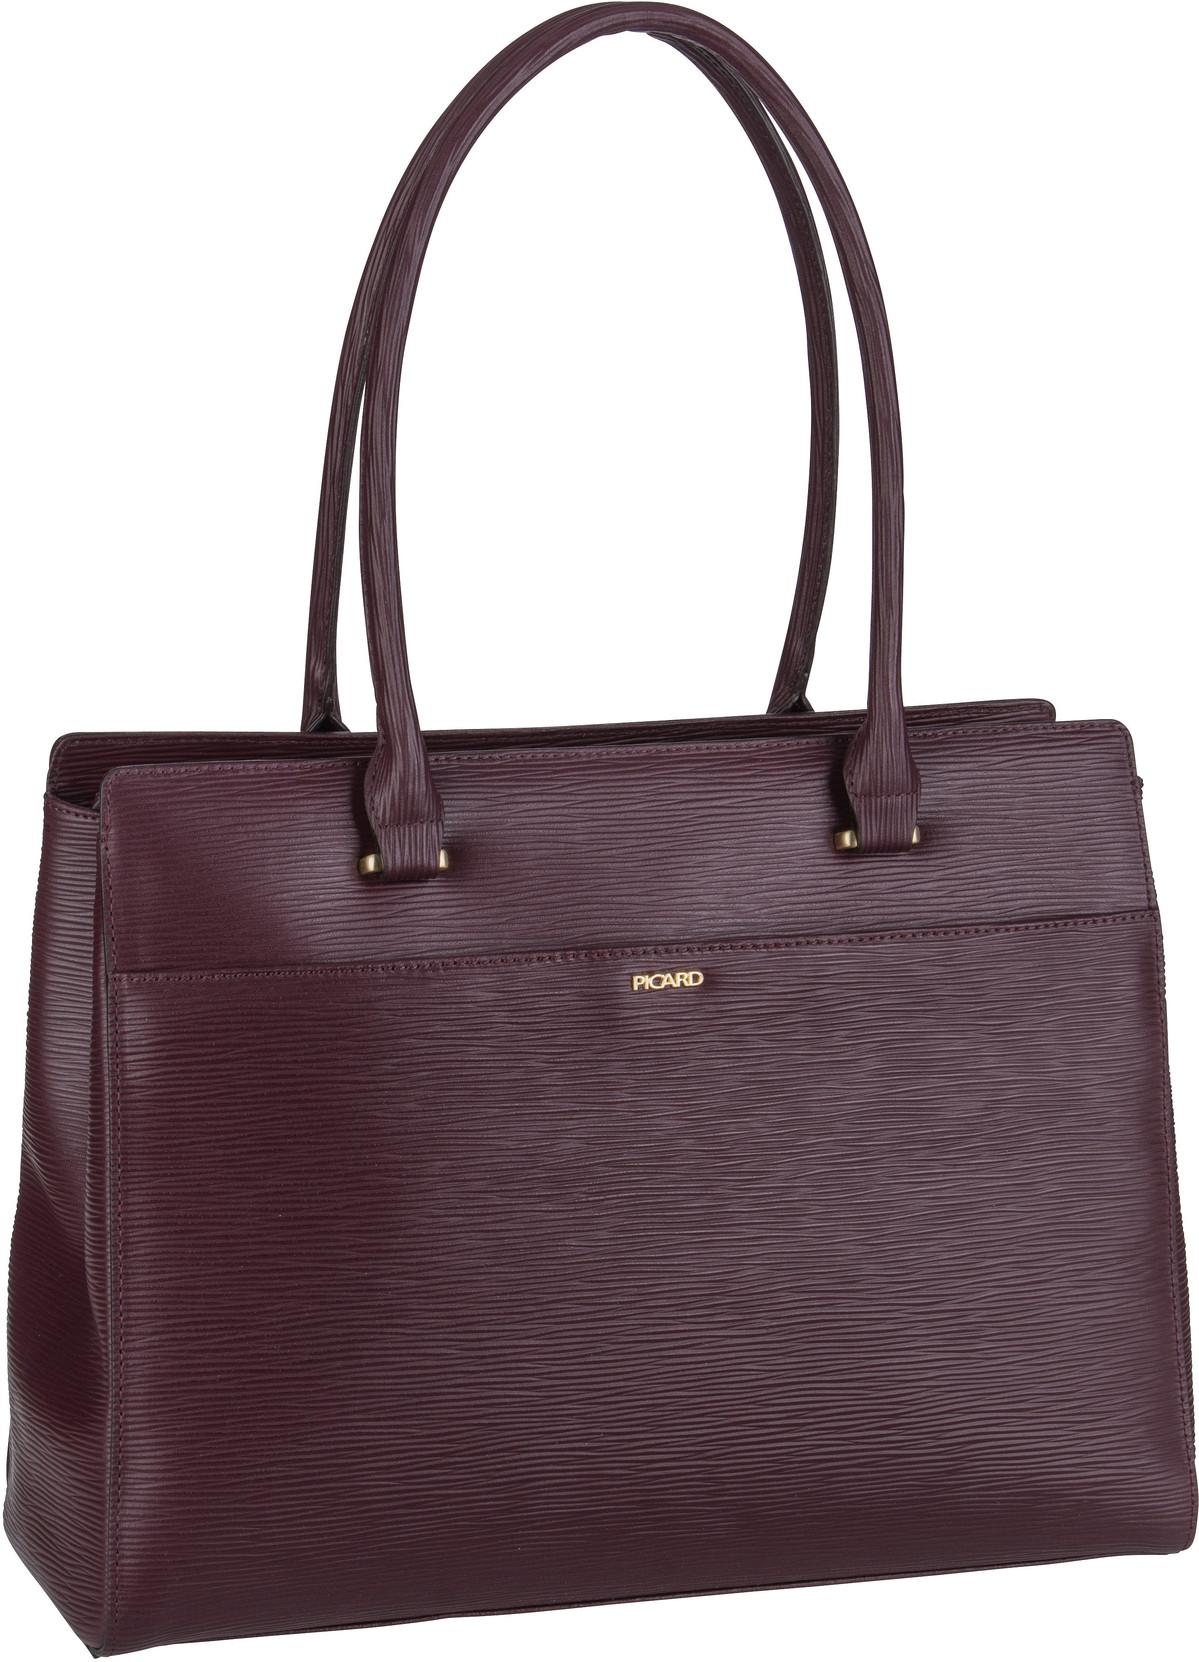 Handtasche Vanity 4830 Vino